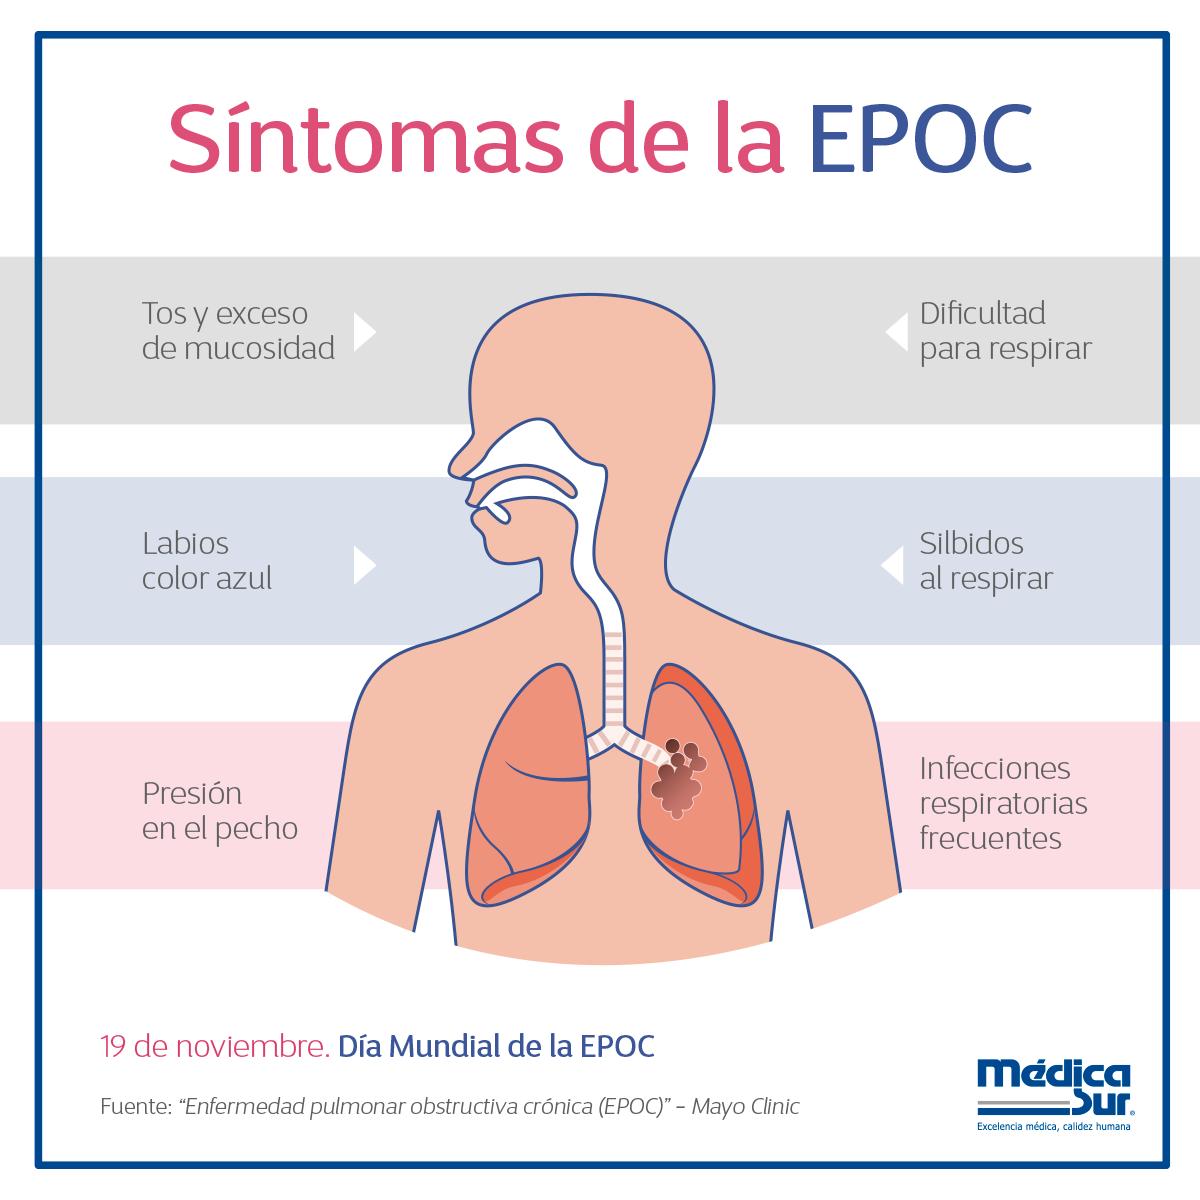 tratamiento enfisema pulmonar sintomas de diabetes